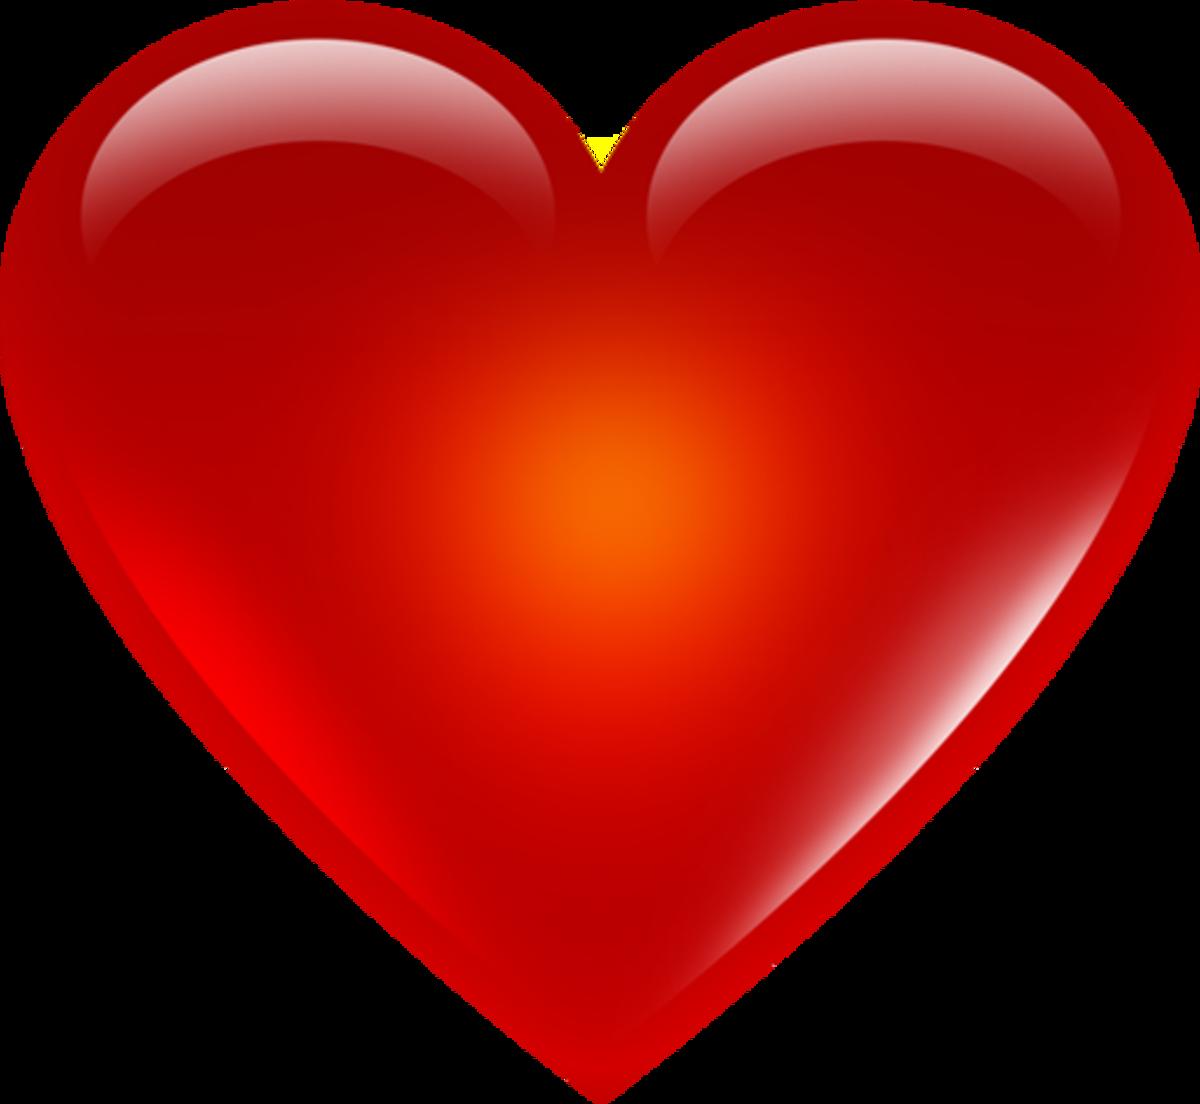 Basic Red Heart